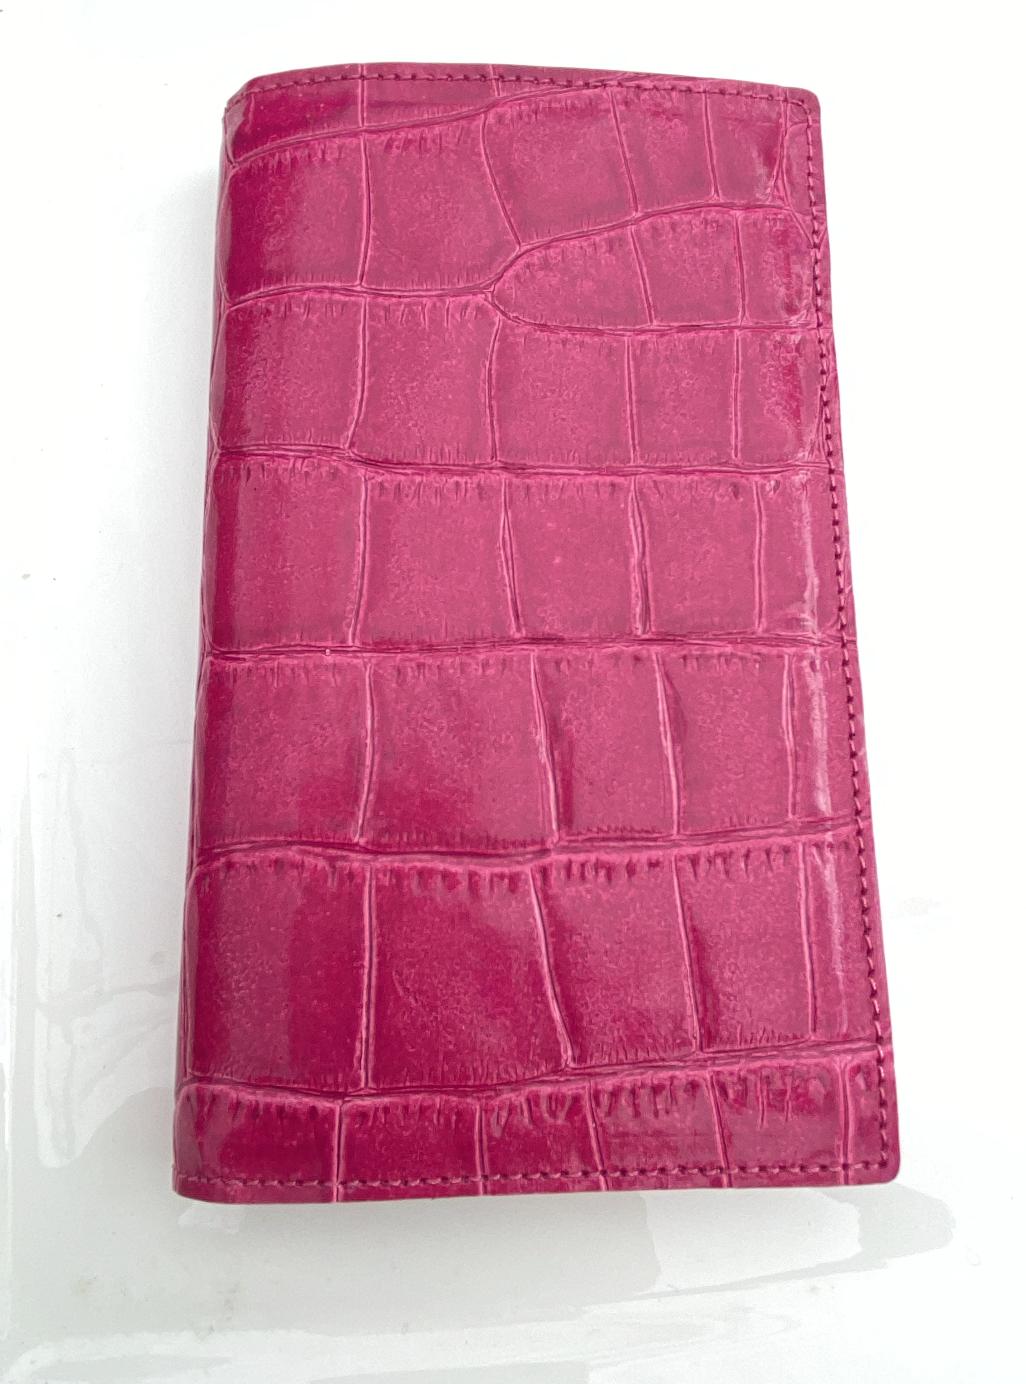 Cubierta de cuero exótico y portátiles